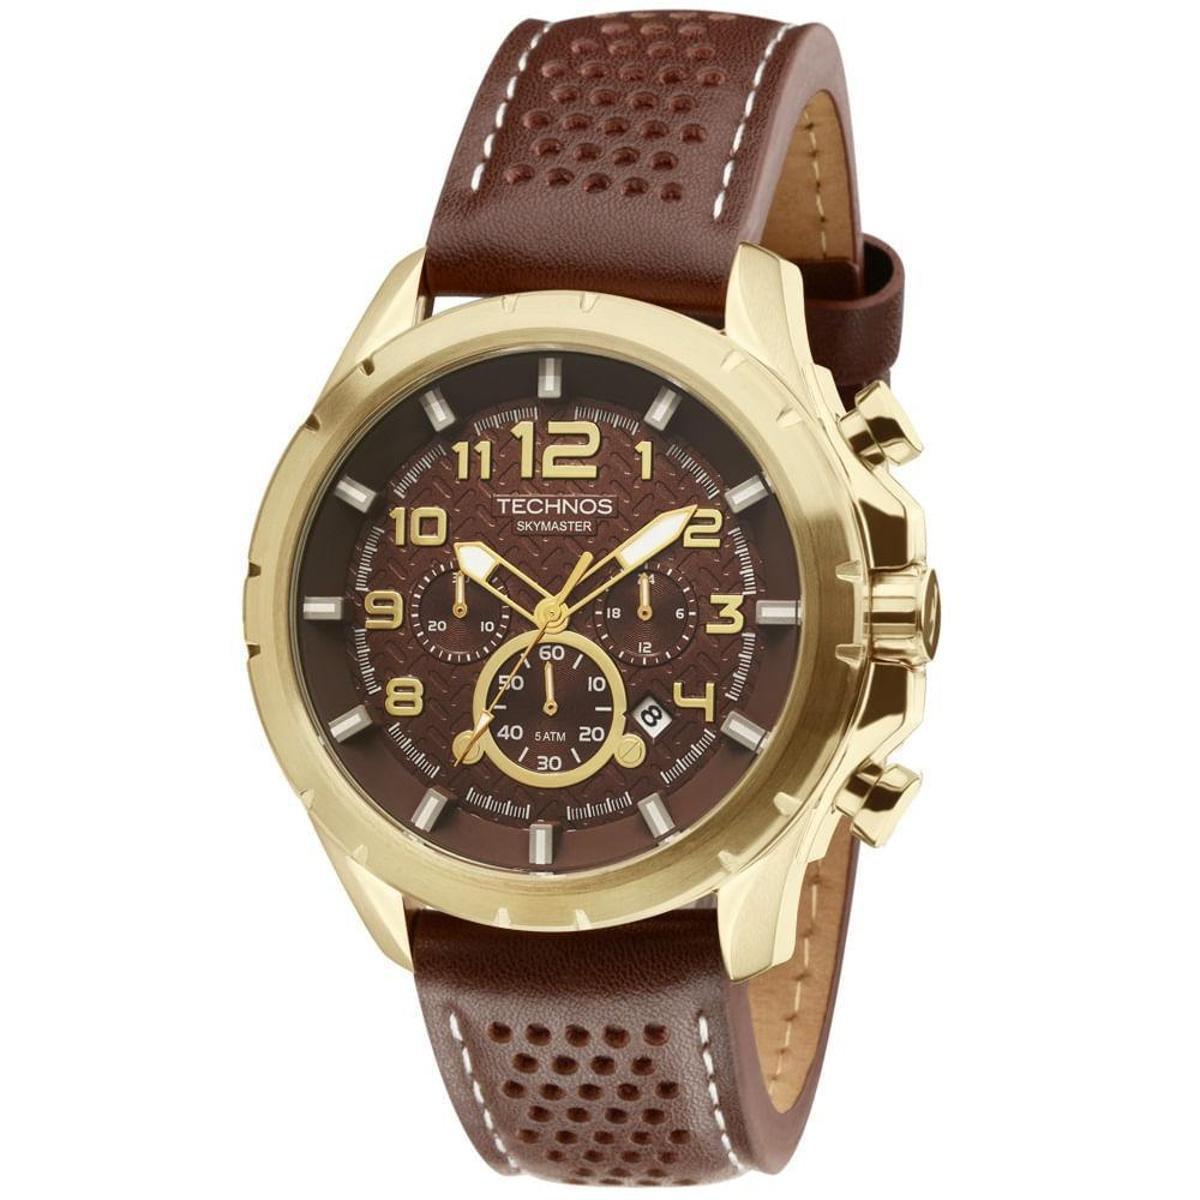 Relógio Technos Skymaster Masculino JS25BG 0M Dourado JS25BG 0M ... bc0e089c27